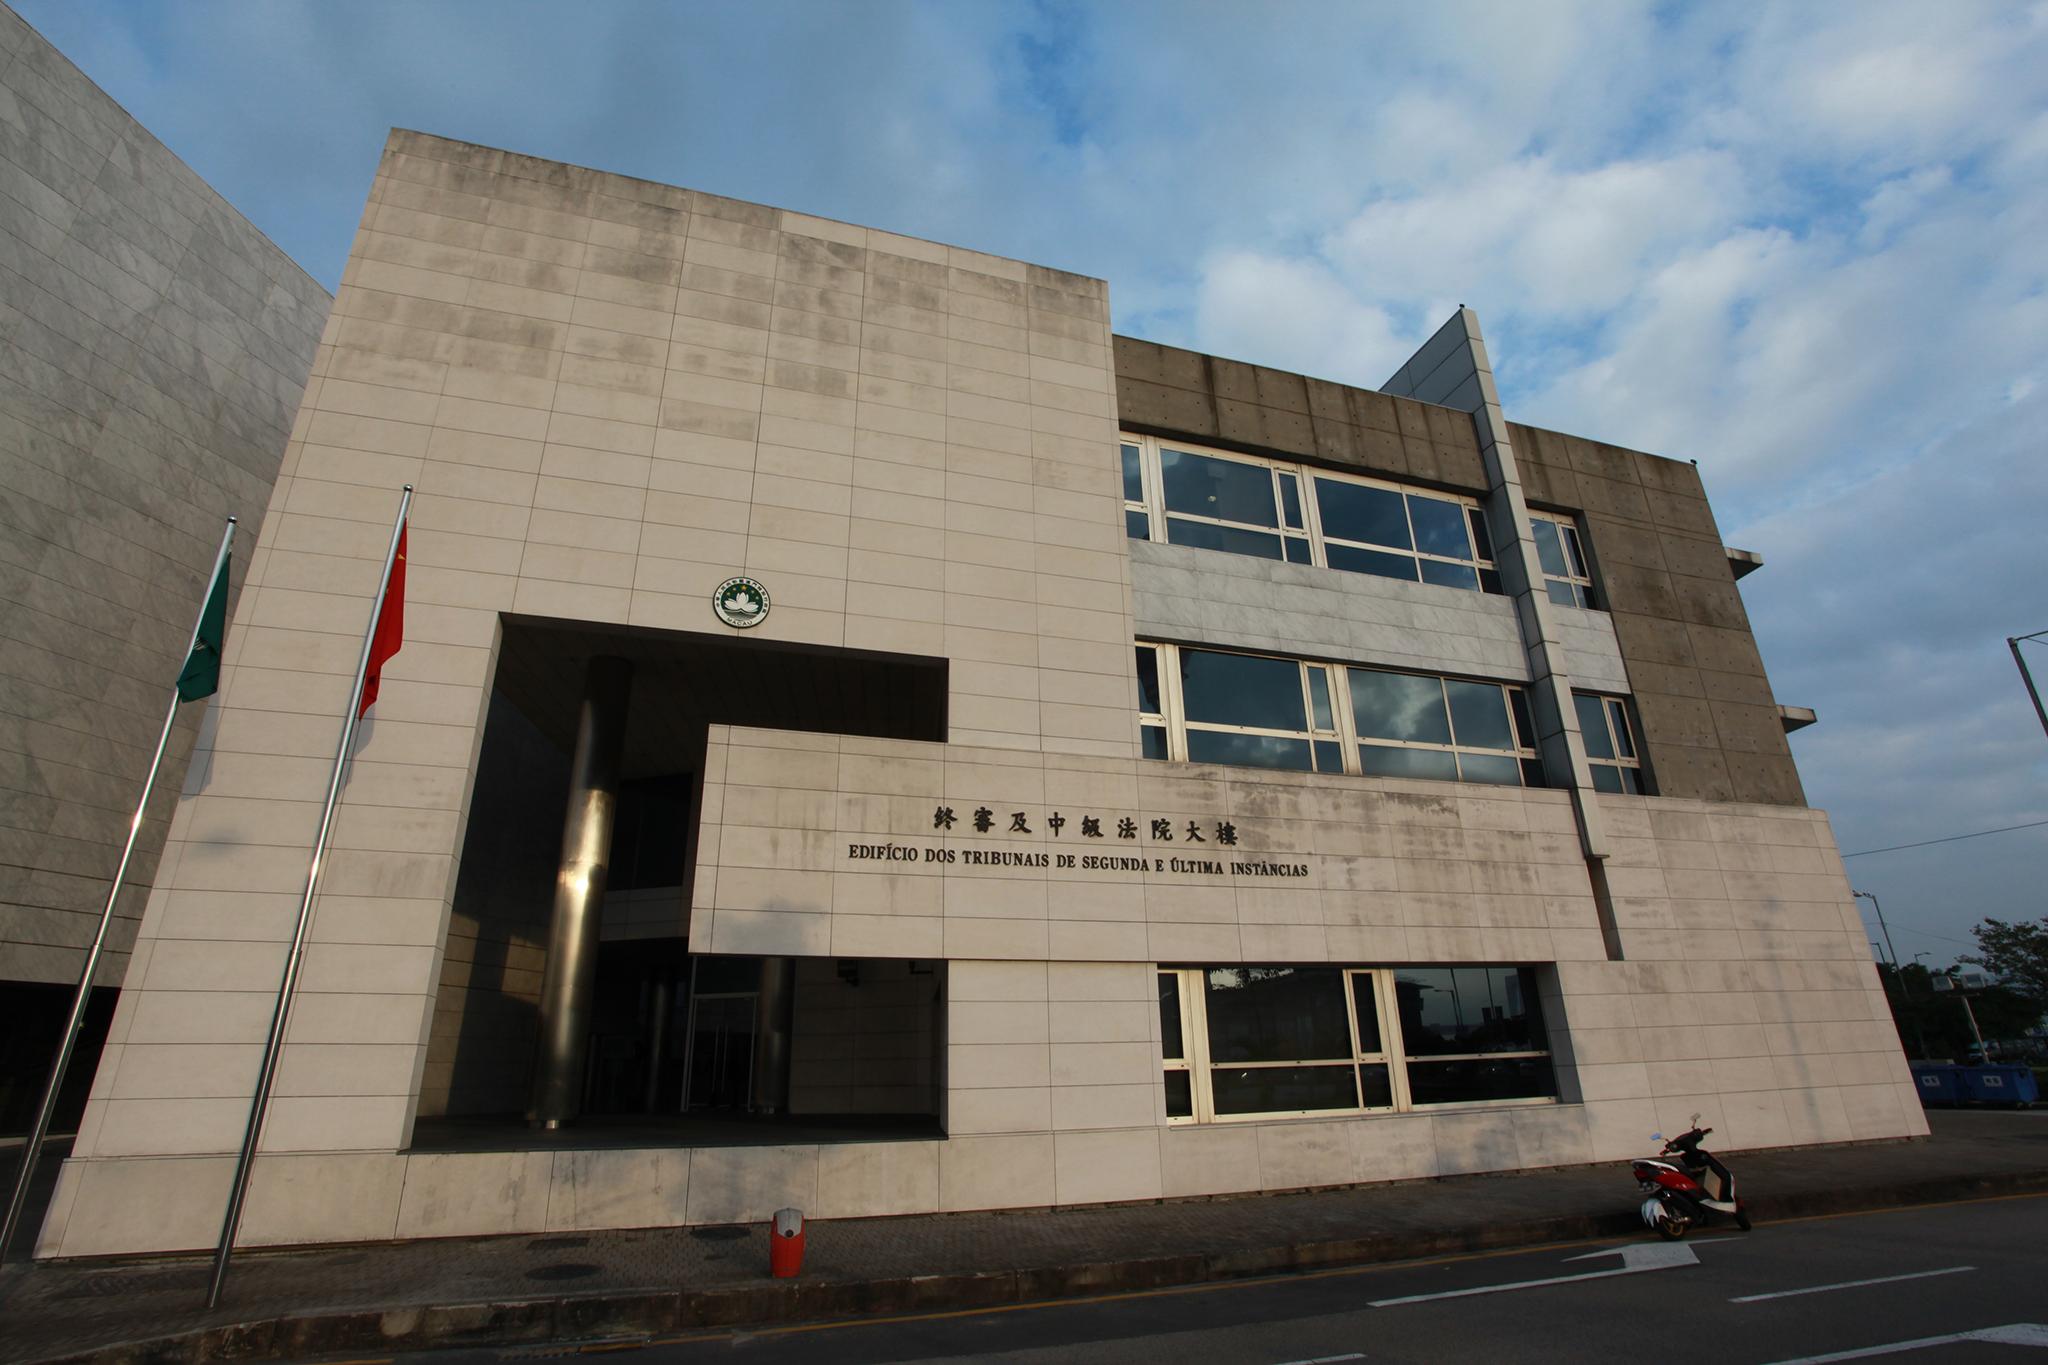 TUI | Advogado perde recurso em processo sobre concurso para novos notários